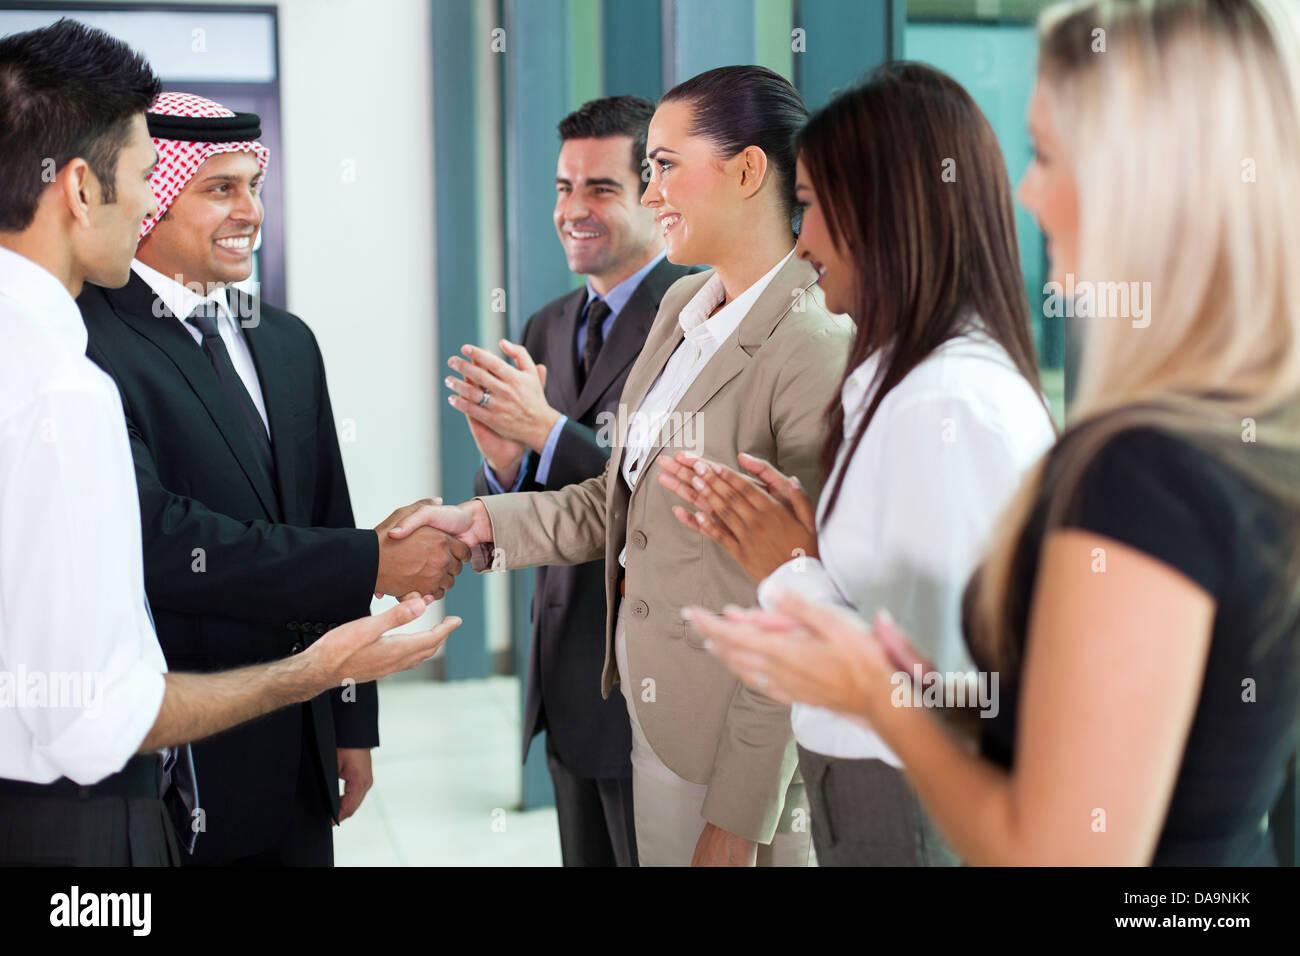 junge Übersetzer Einführung arabischen Geschäftsmann Gruppe von Geschäftsleuten Stockbild